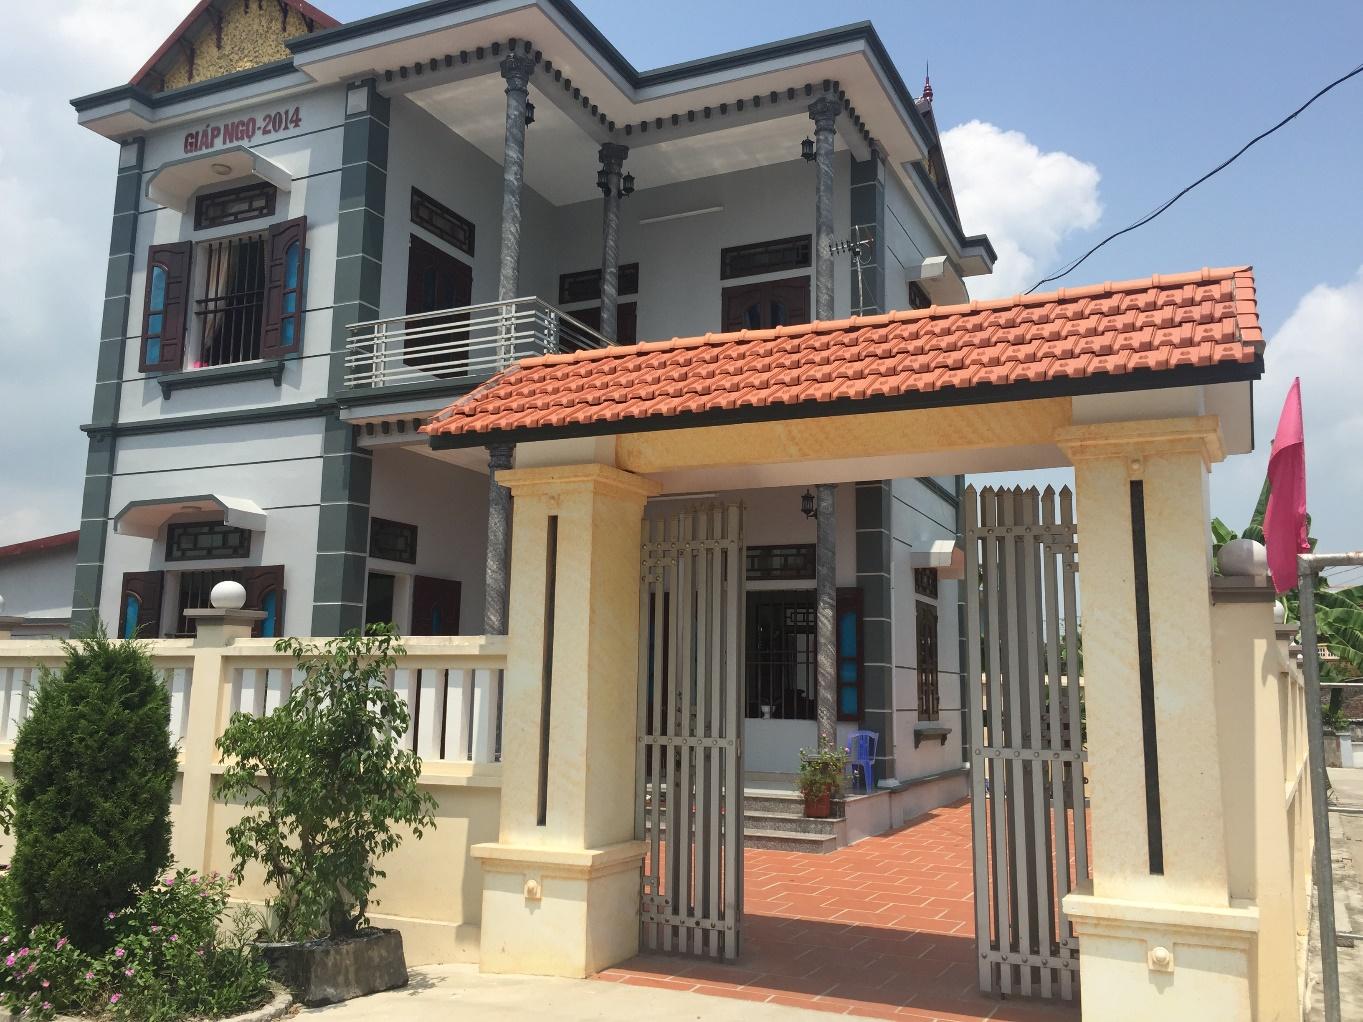 Nhà ông Trần Văn Tính xã Thanh Tân, huyện Kiến Xương, tỉnh Thái Bình